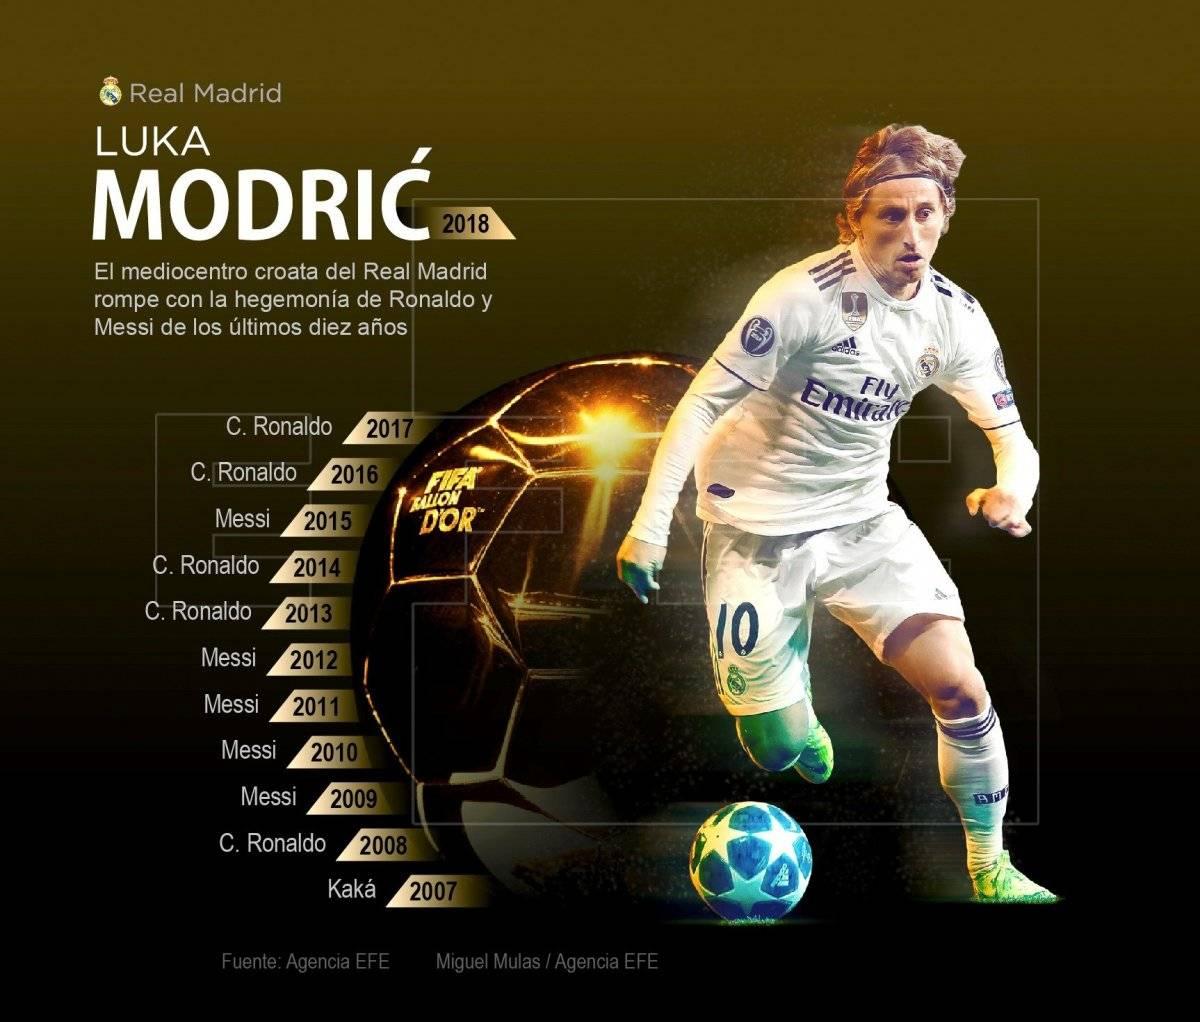 Luka Modric gana el Balón de Oro 2018 EFE